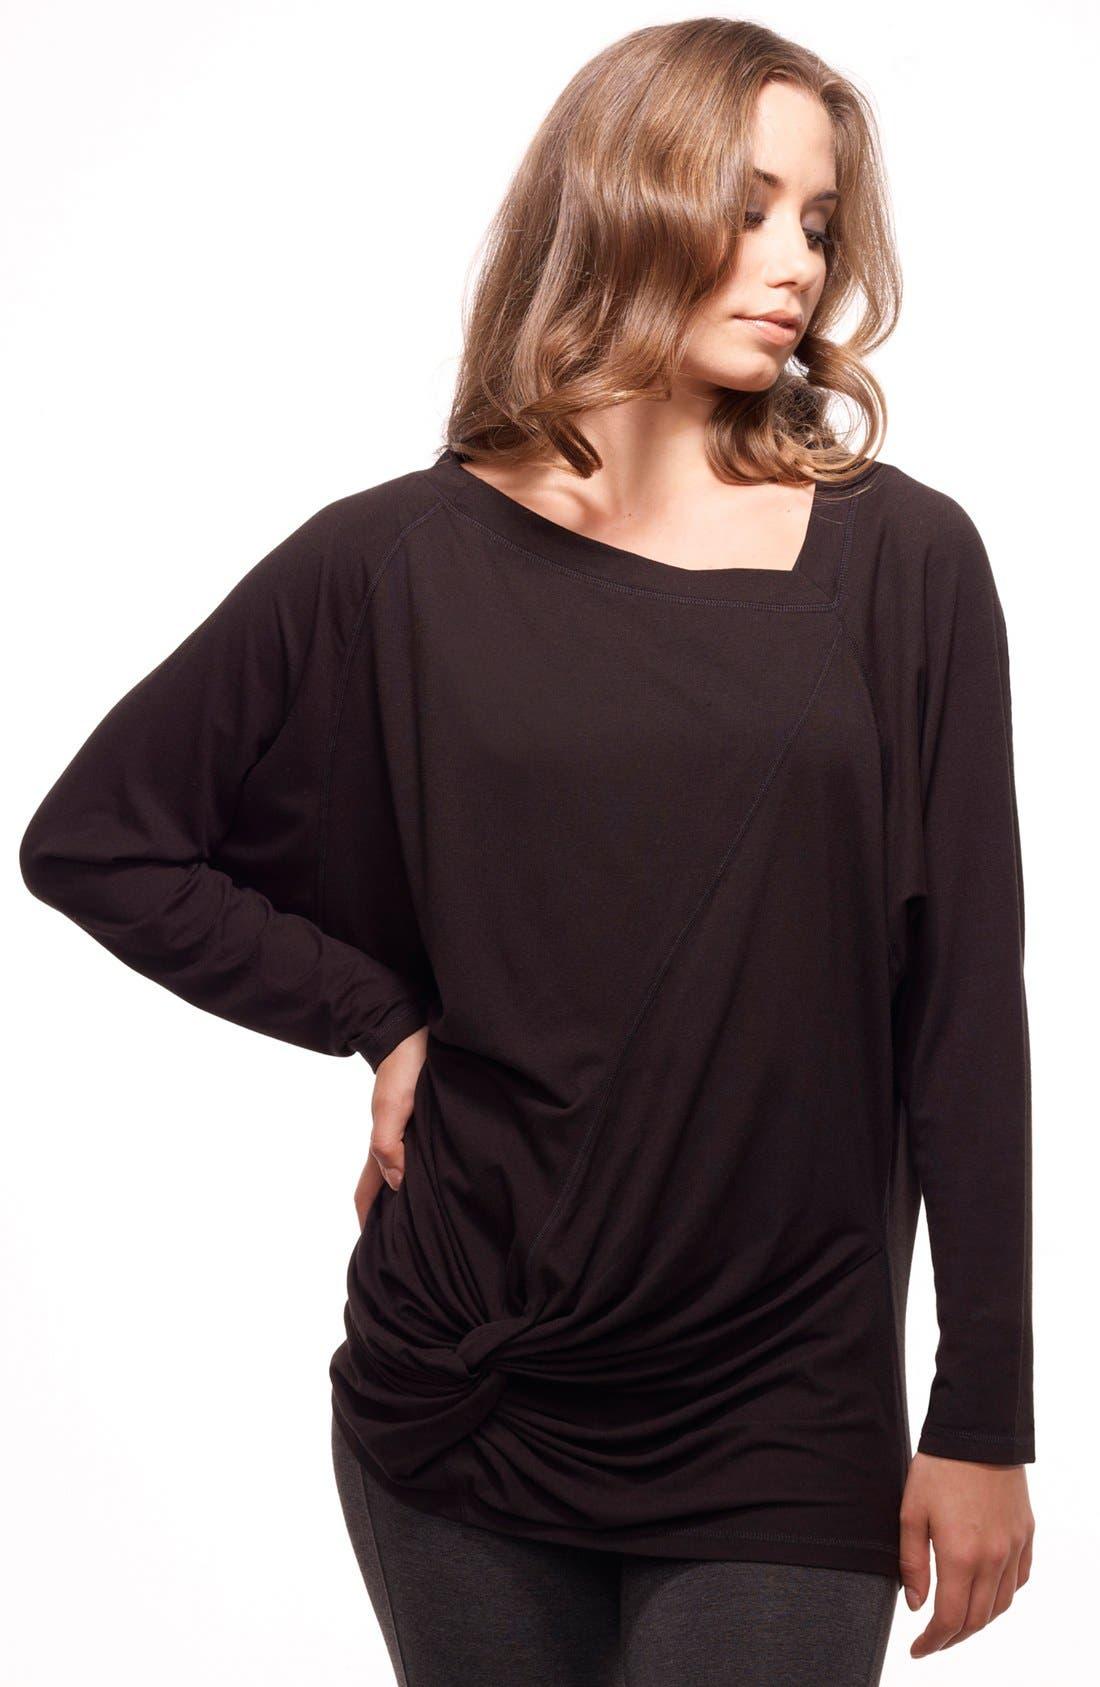 Alternate Image 1 Selected - Karma 'Margaret' Dolman Sleeve Top